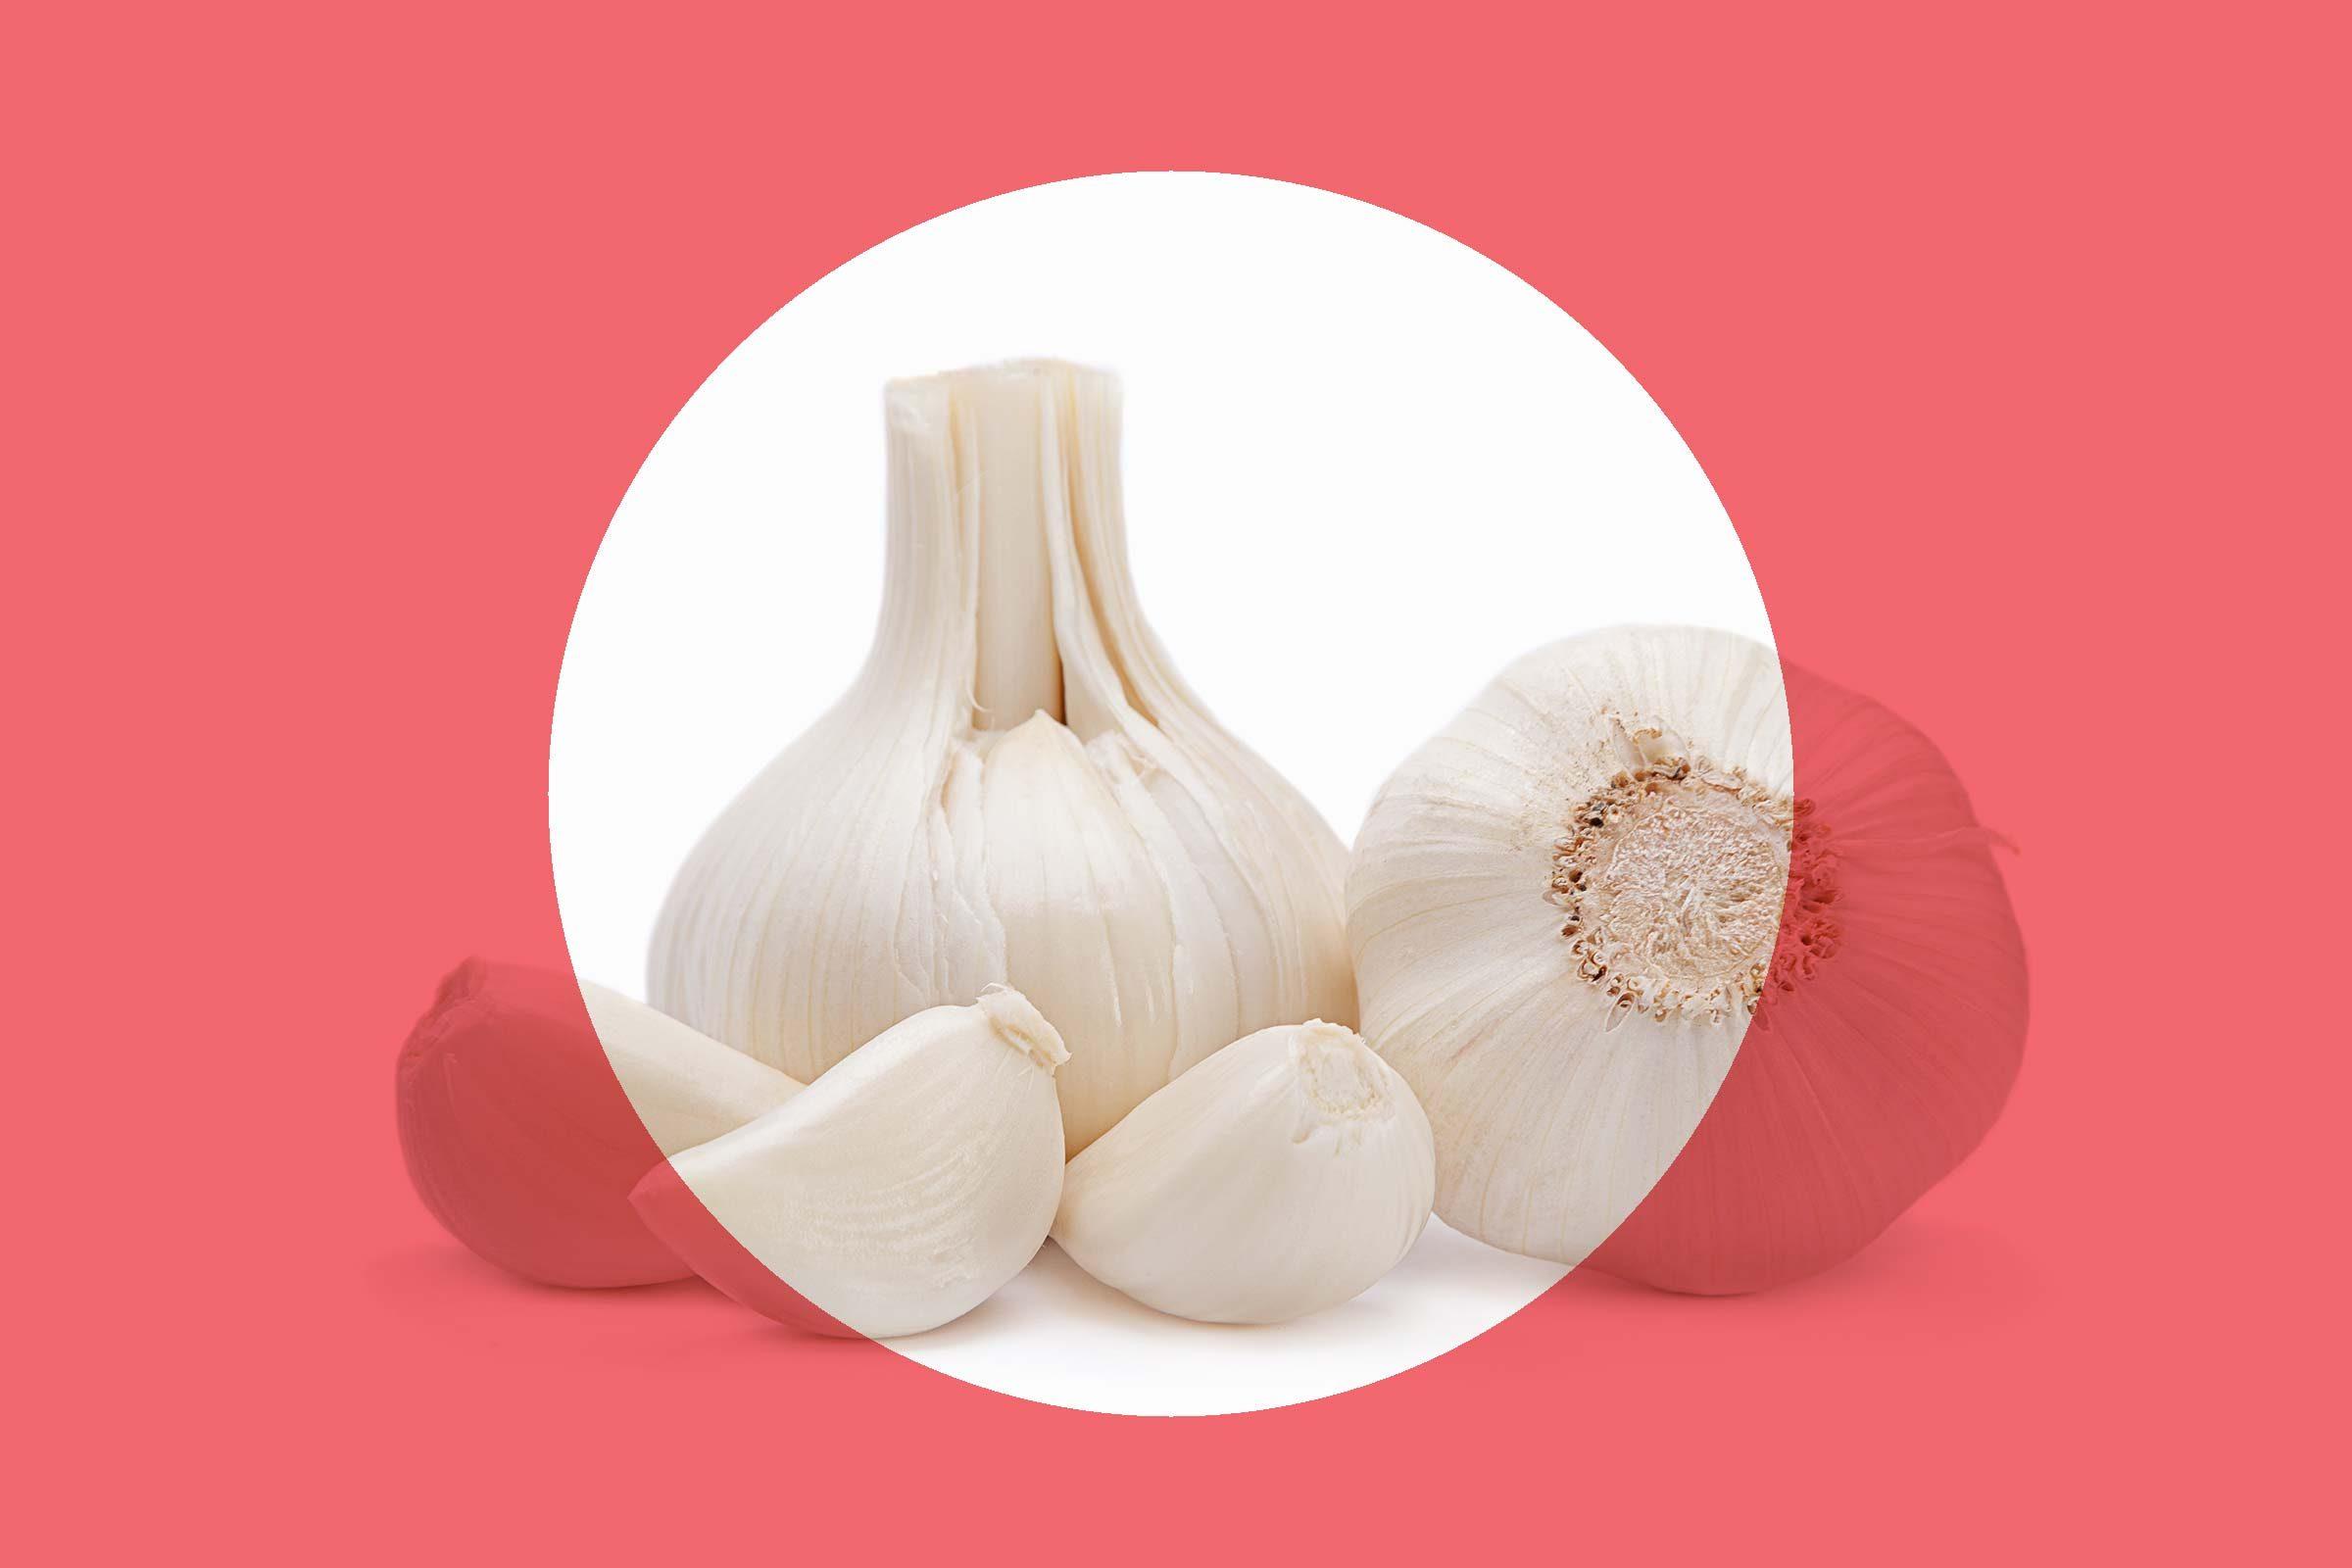 Garlic And Hpv Virus